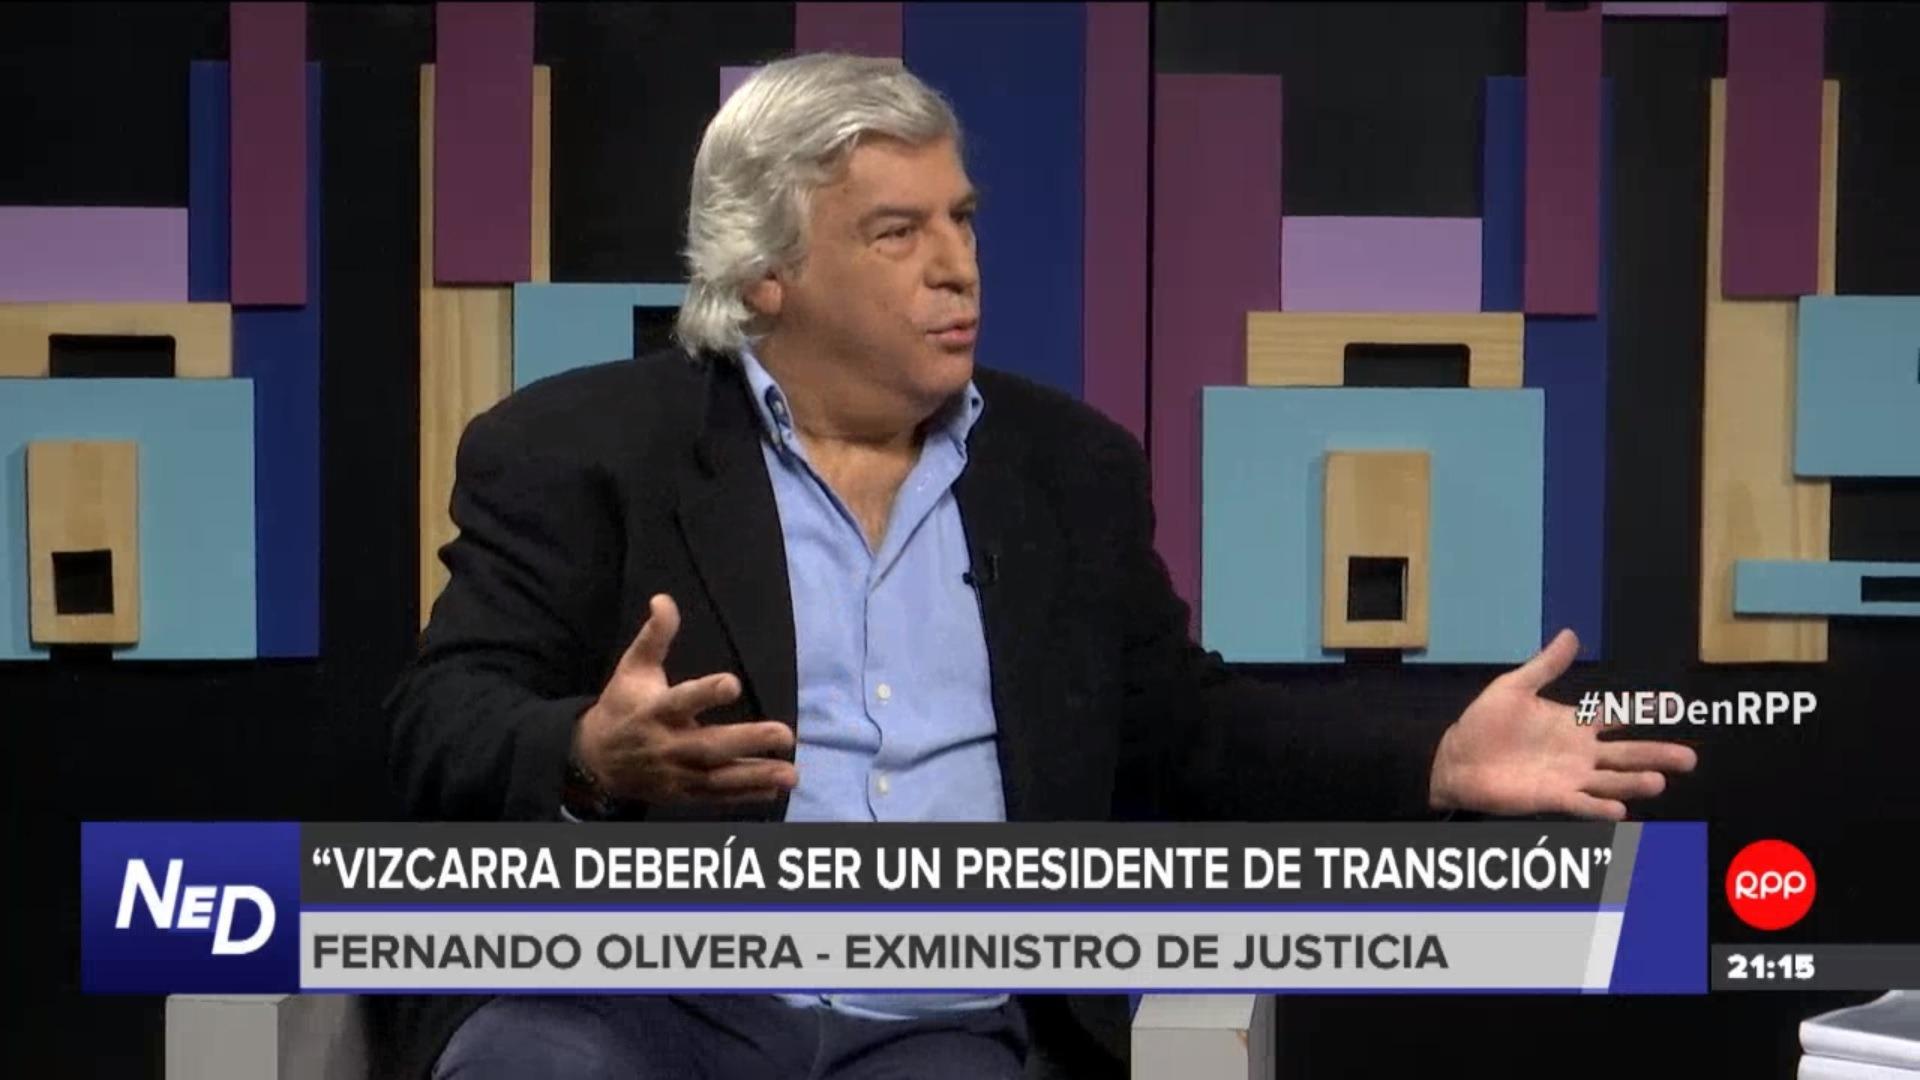 El exministro de Justicia también consideró que el presidente Vizcarra solo debía tener el cargo de forma transitoria.